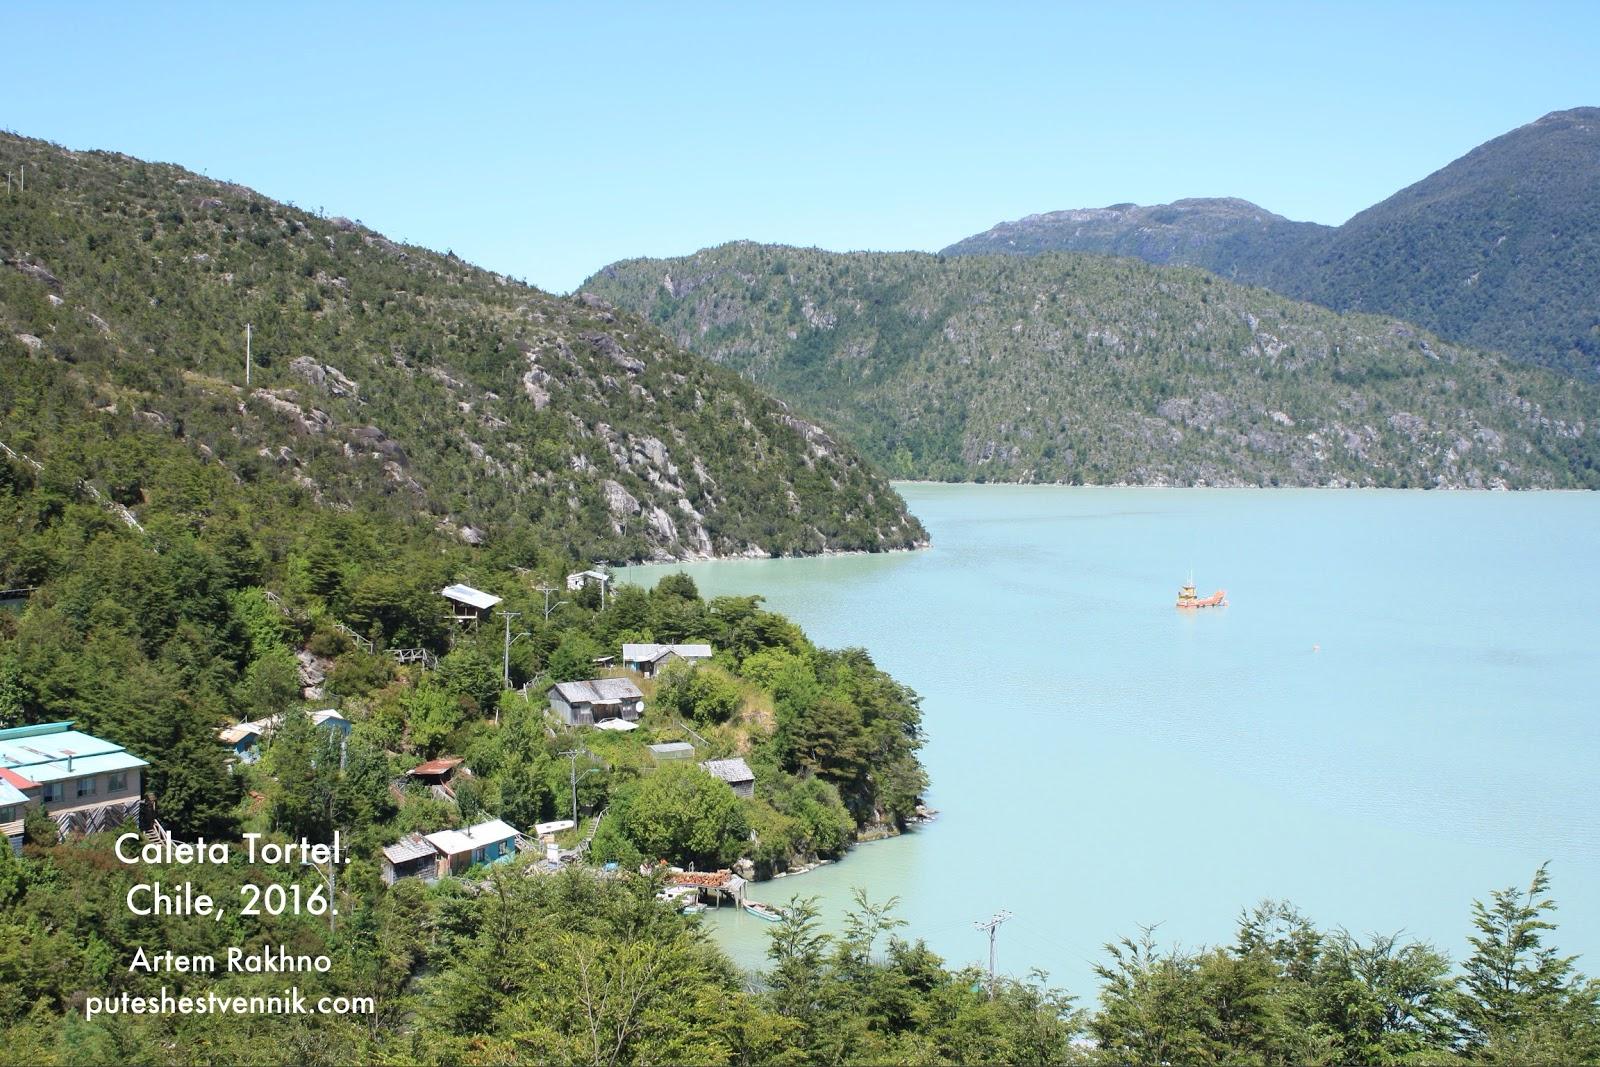 Деревня Калета Тортел в Чили